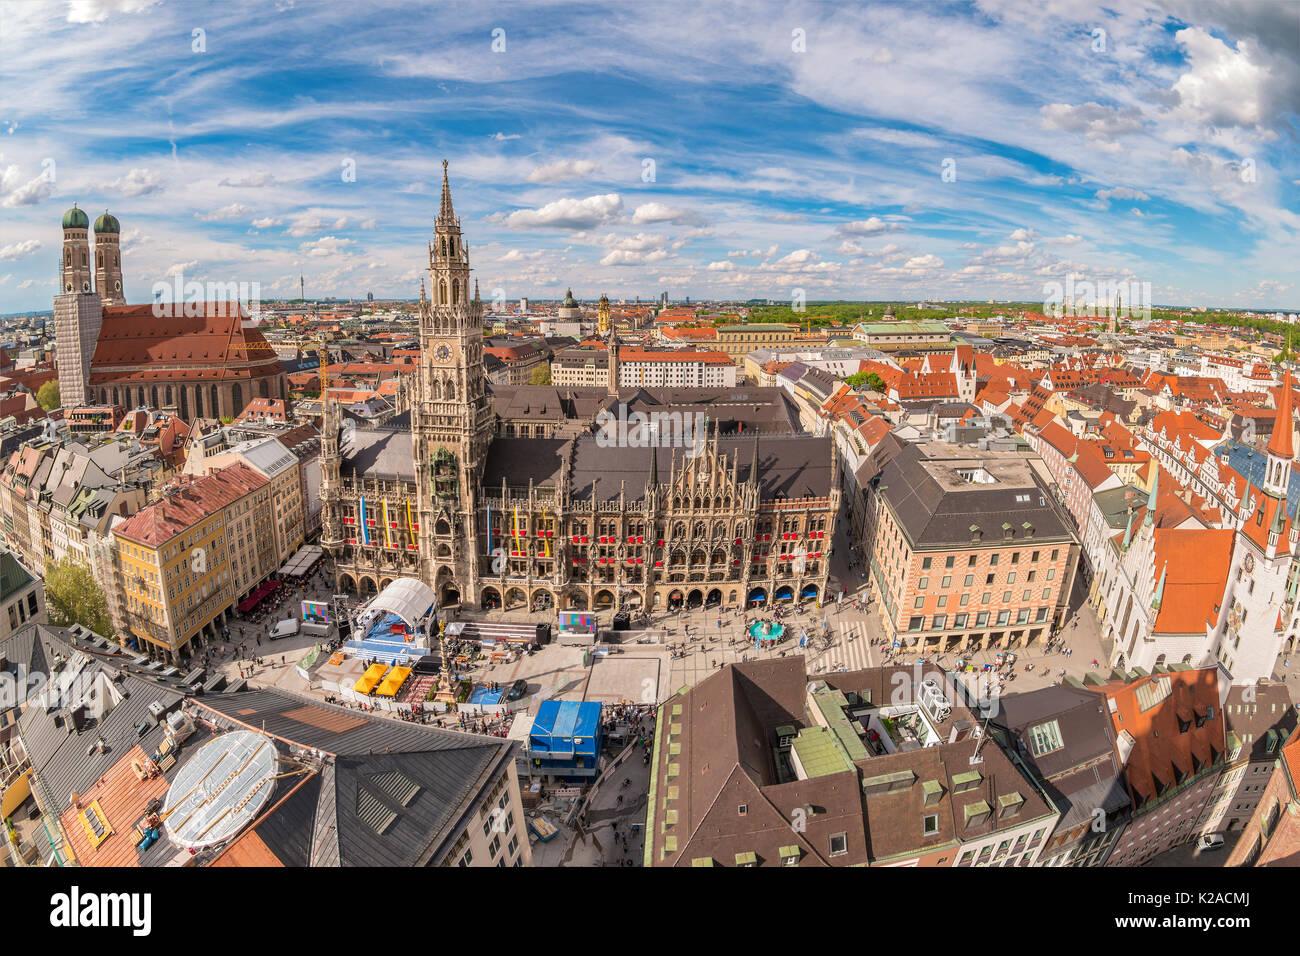 El horizonte de la ciudad de Munich en Marienplatz new town hall, Munich, Alemania Imagen De Stock